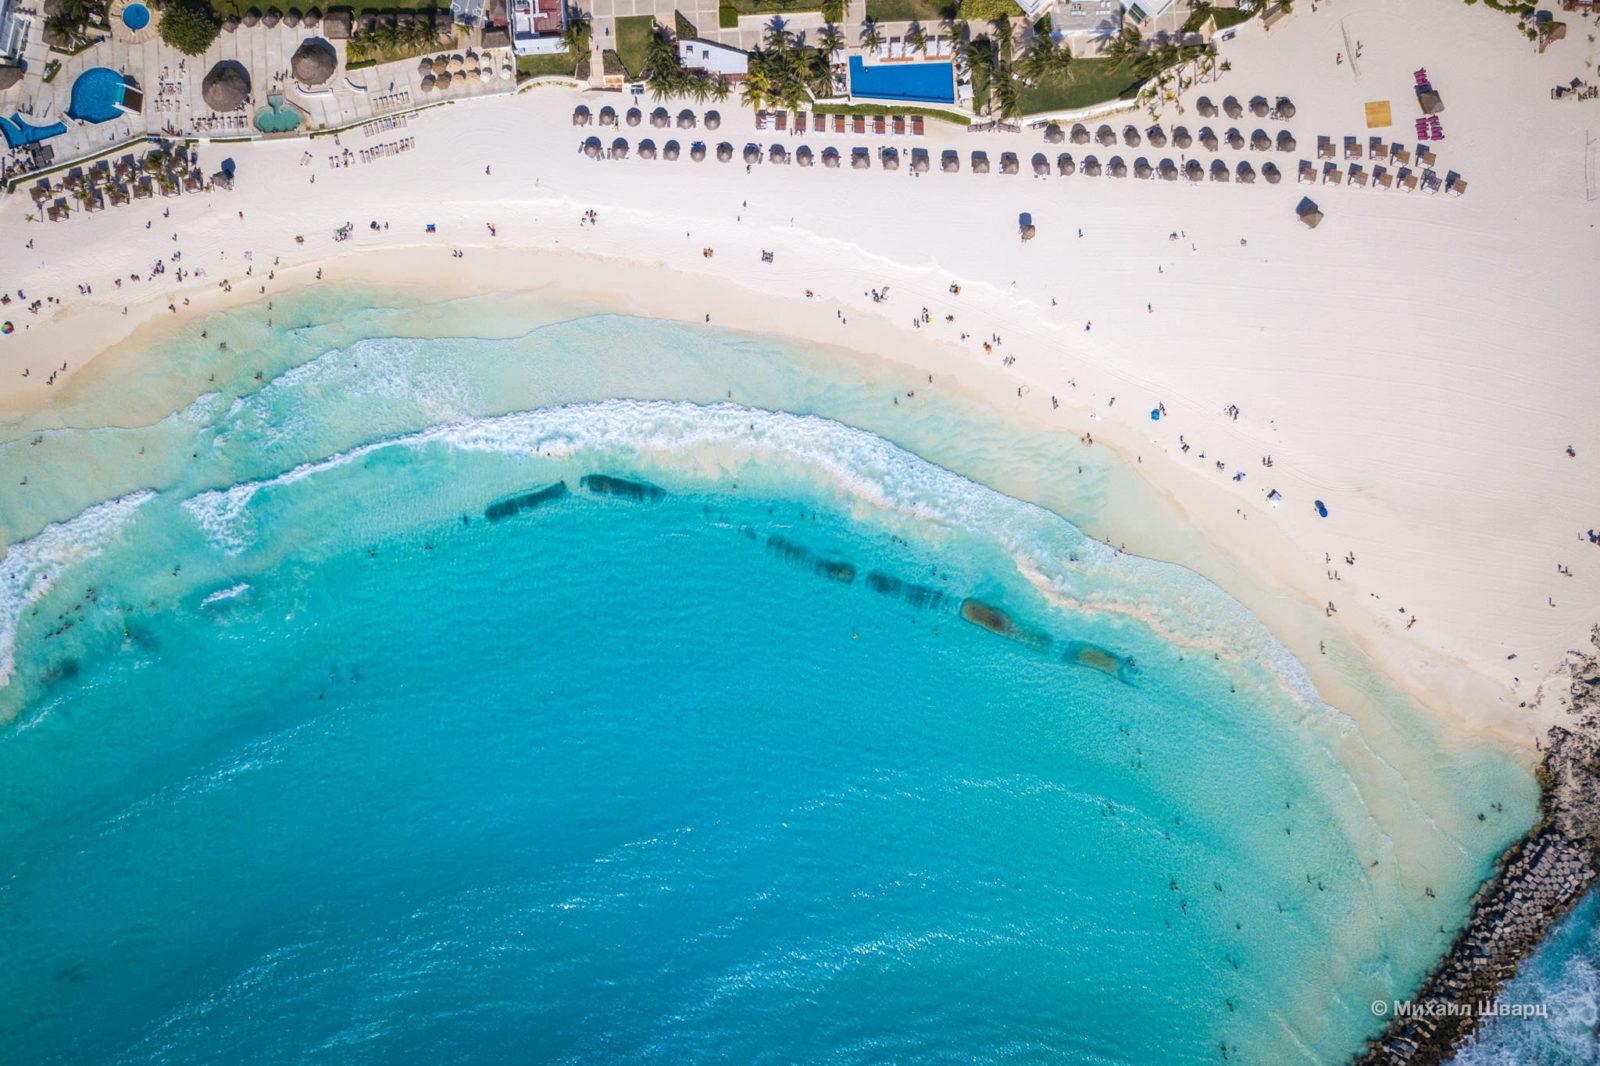 Playa Gaviotas сверху